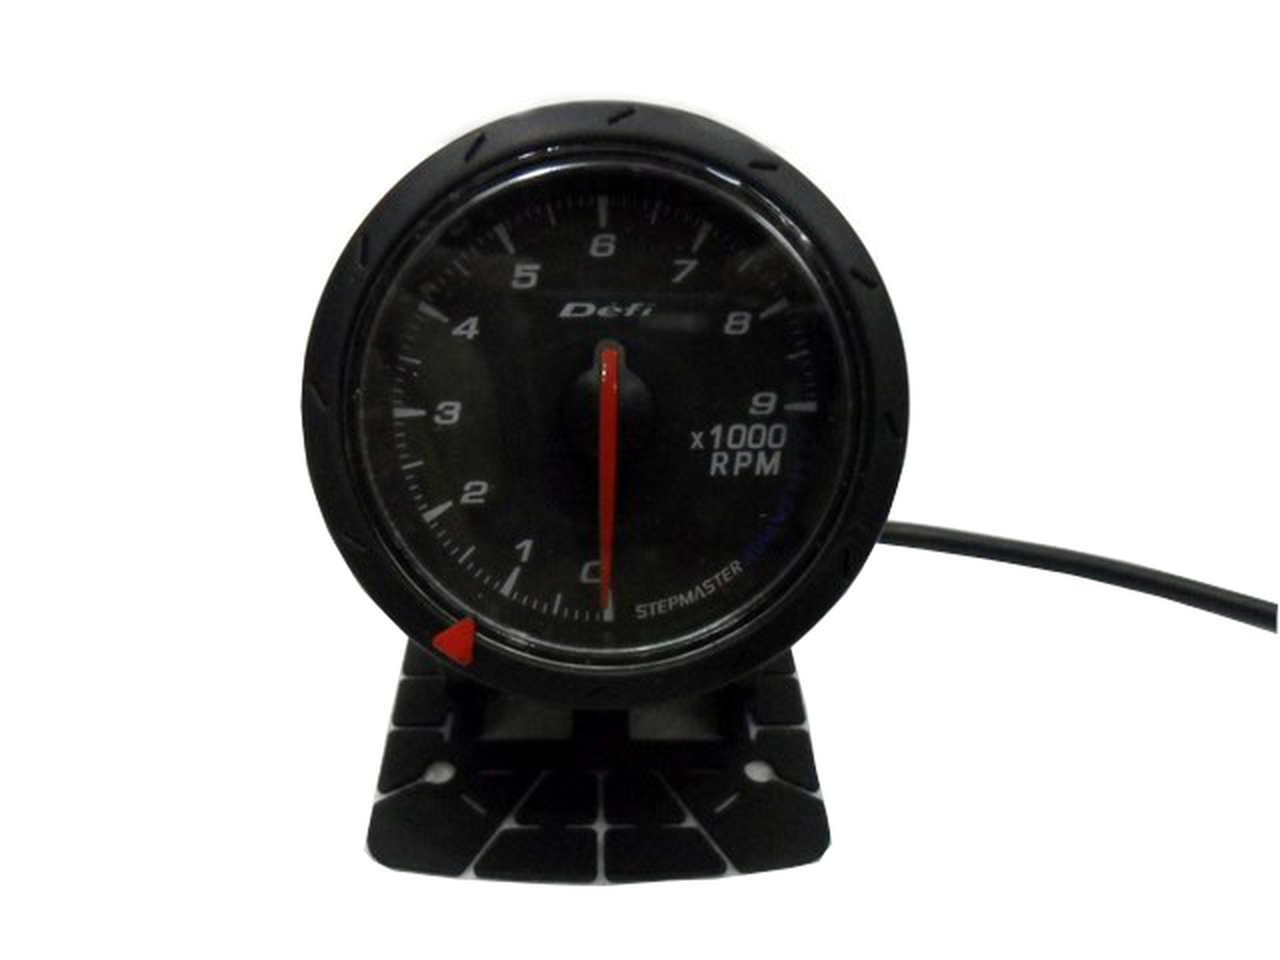 Jdm Black Face Non Smoke Tachometer Car Gauge Meter Rpm